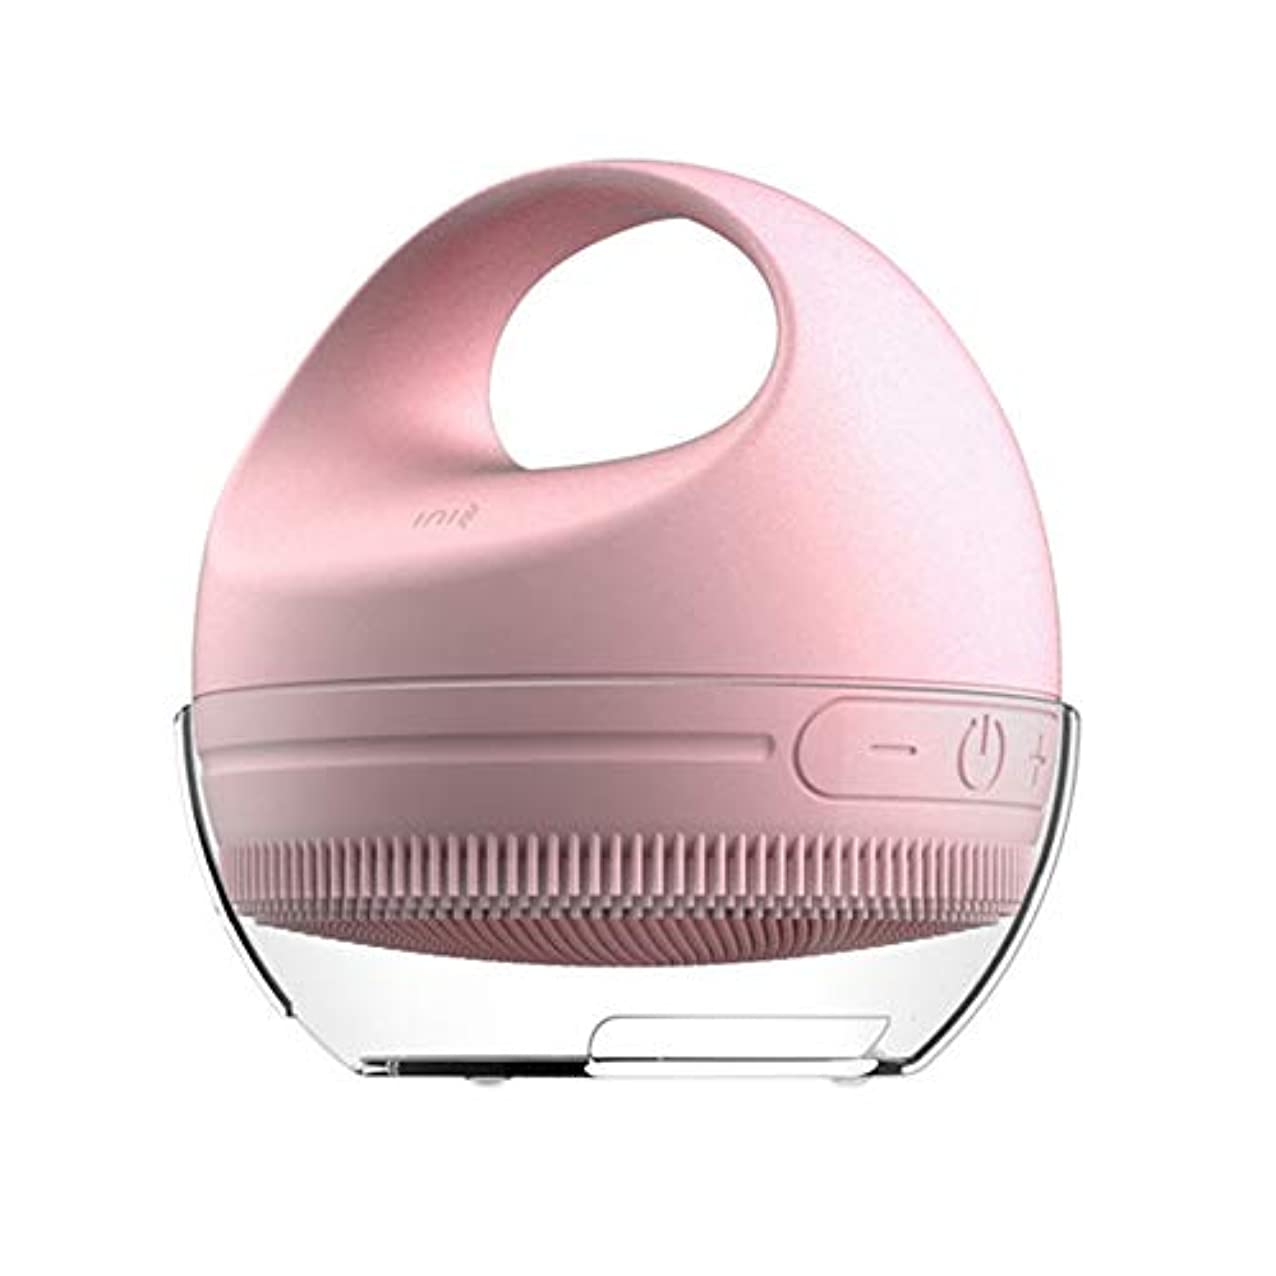 電気暖かい/振動シリコーンフェイスクレンザーとマッサージブラシをアップグレードしてください自己乾燥技術を使って、滑り止めのハンドル、インテリジェントなタイミング、防水IPX6、1200 mAhバッテリ,Pink